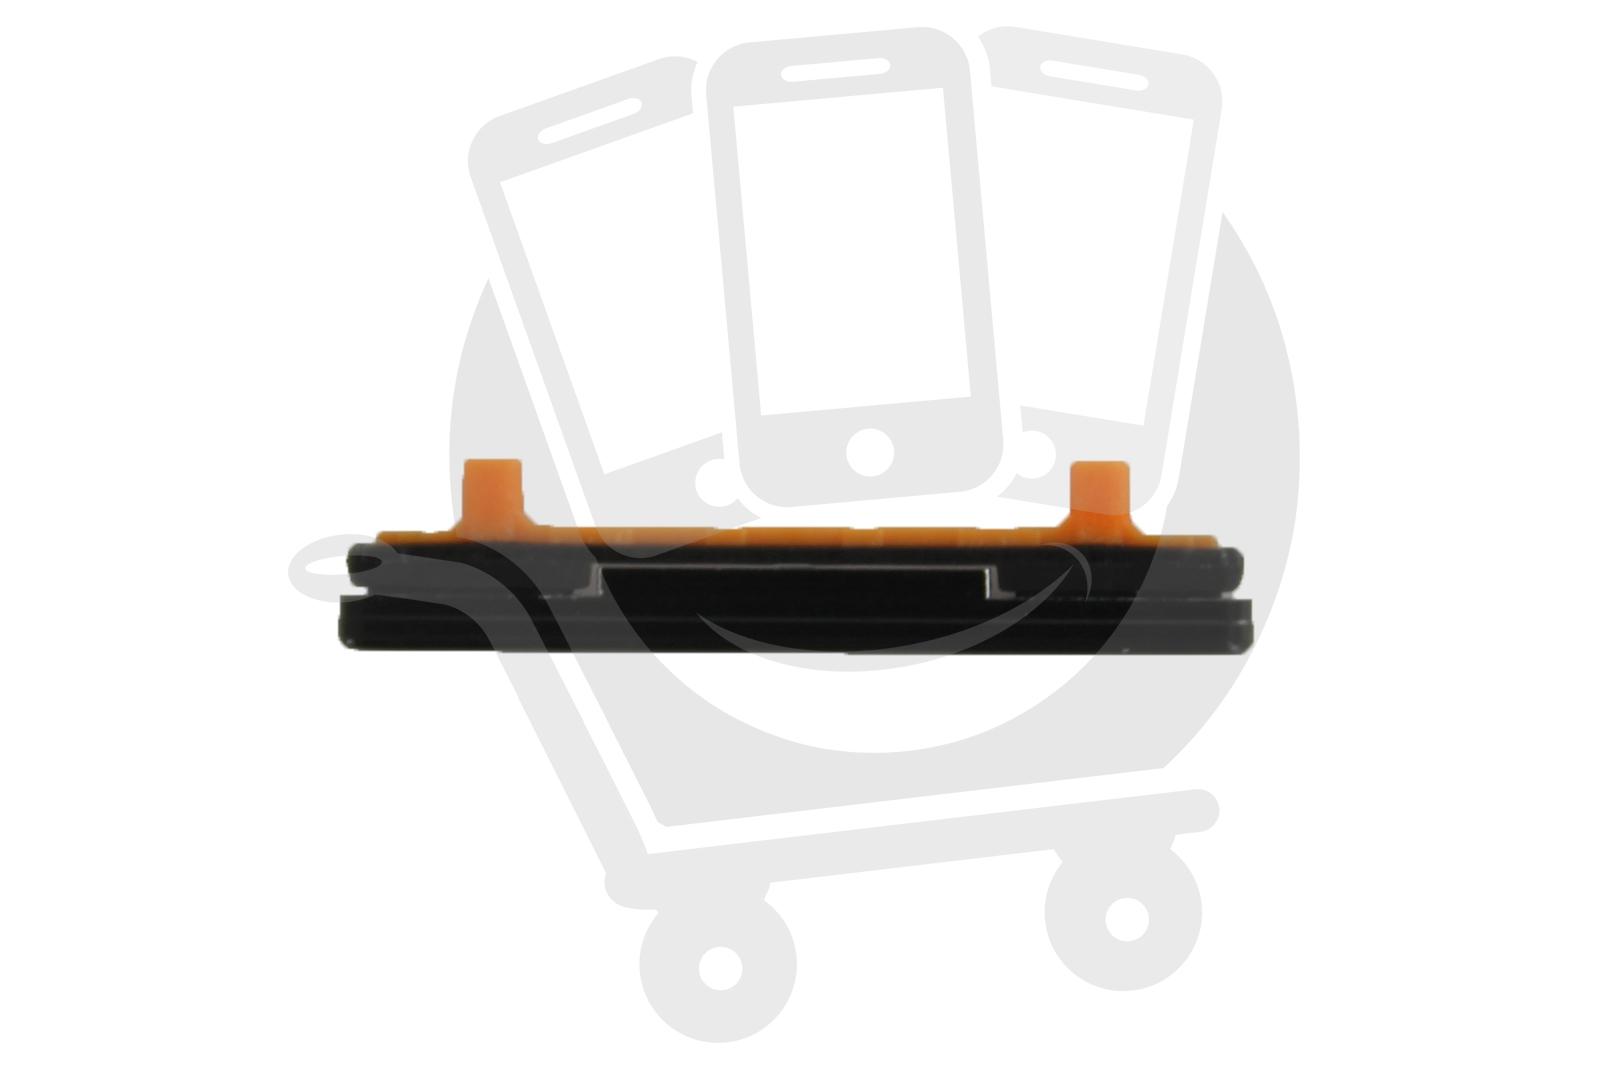 Details about Genuine Samsung Galaxy S9 SM-G960, S9+ SM-G965 Midnight Black  Volume Key Deco -